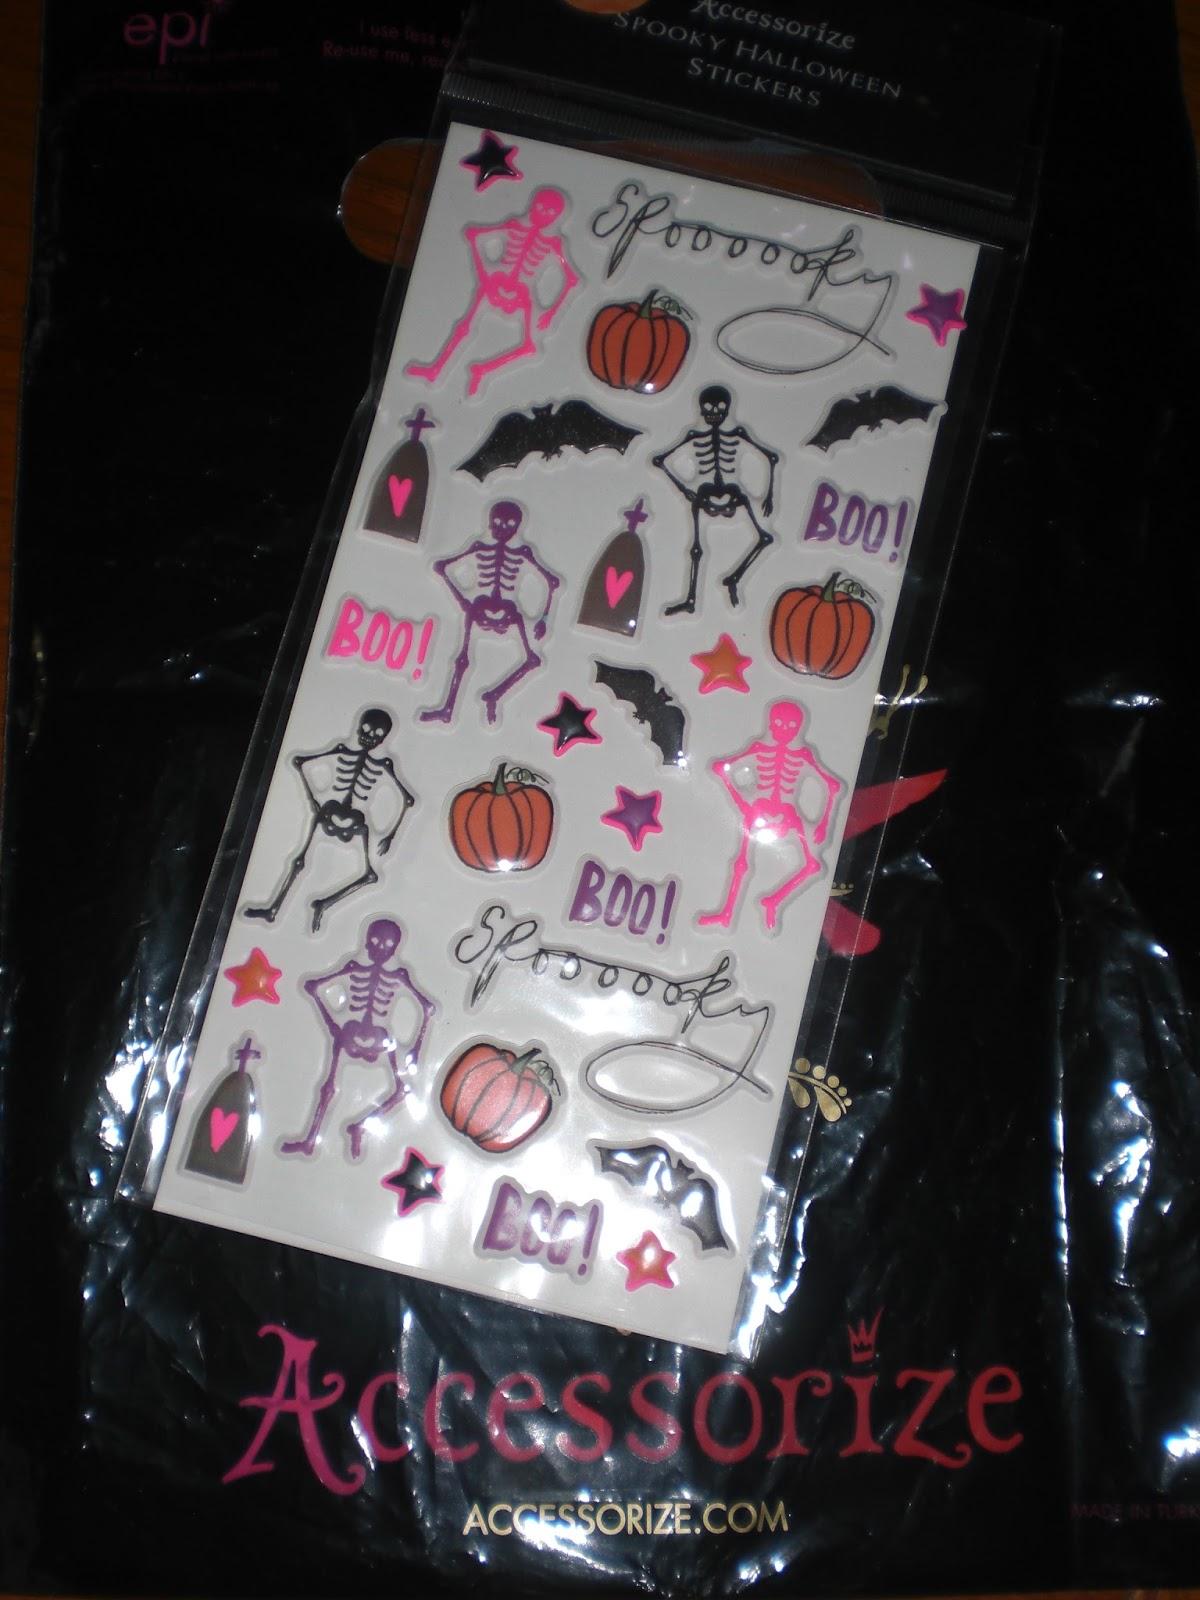 Da Accessorize Le Cose Di Halloween Erano Scontate Al 50% E Io Ho Deciso Di  Prendere Questi Stickers In Tema Davvero Molto Carini.